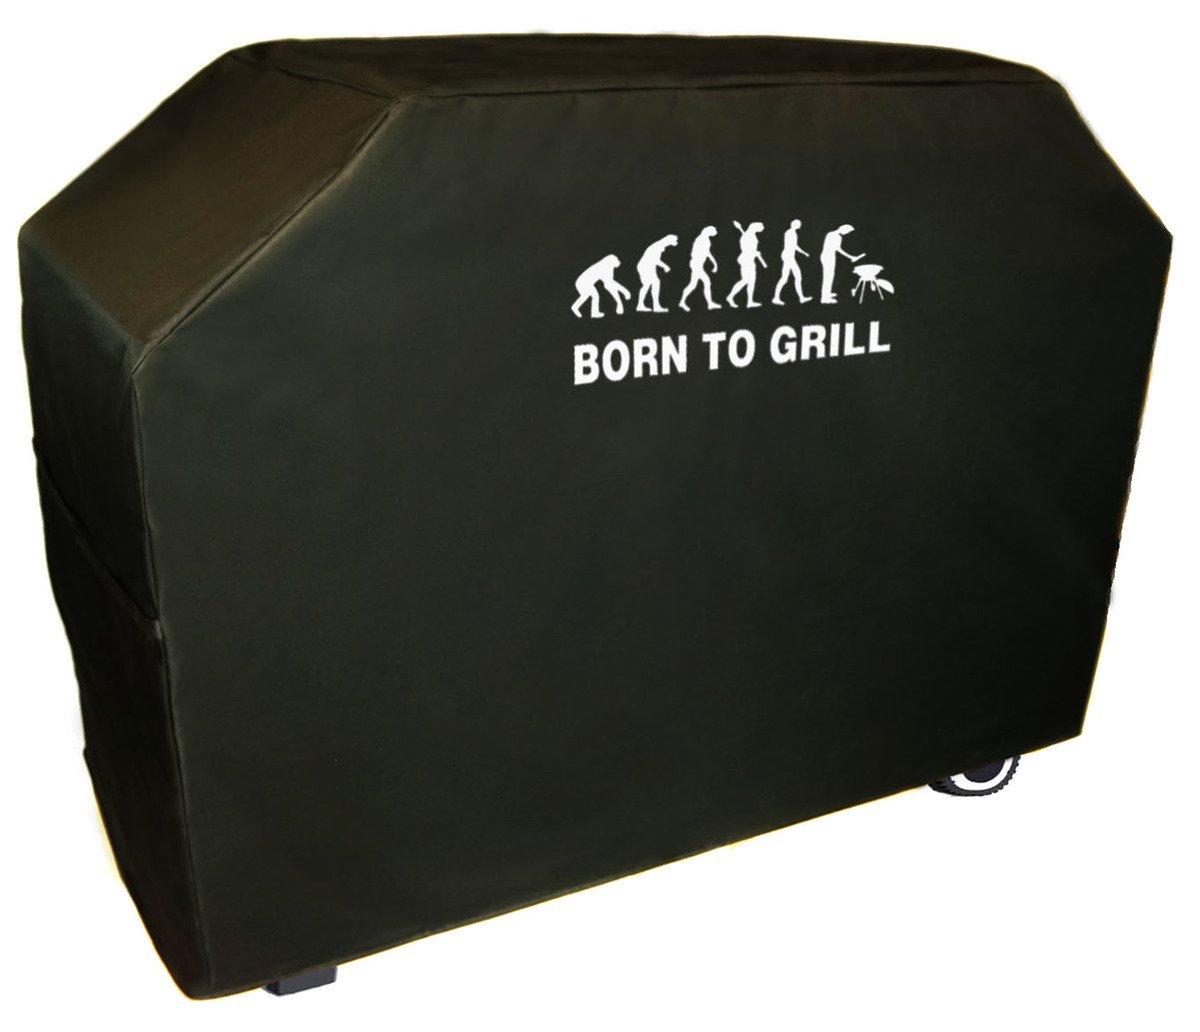 Ferocity Delux Grillabdeckung Top Qualitä t, Wasserdichter BBQ Schutz Outdoor Grill Garten Terrasse Schwarz S 105 cm [084]